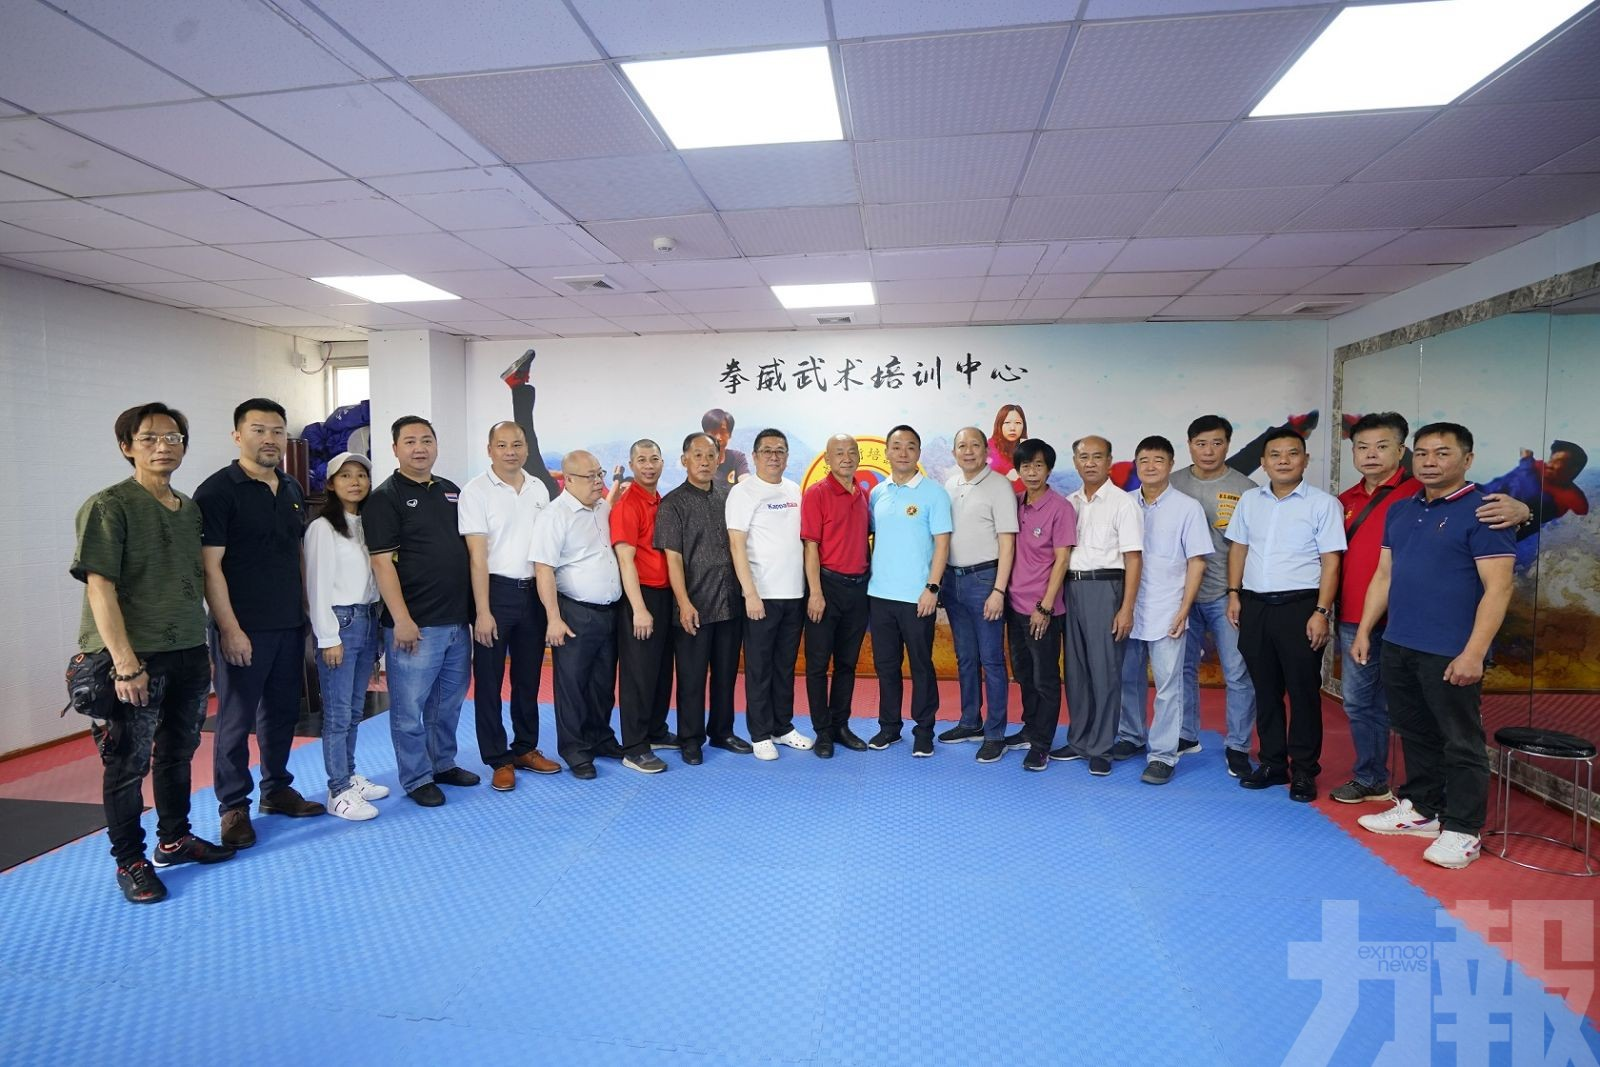 拳威武術培訓中心喬遷革新